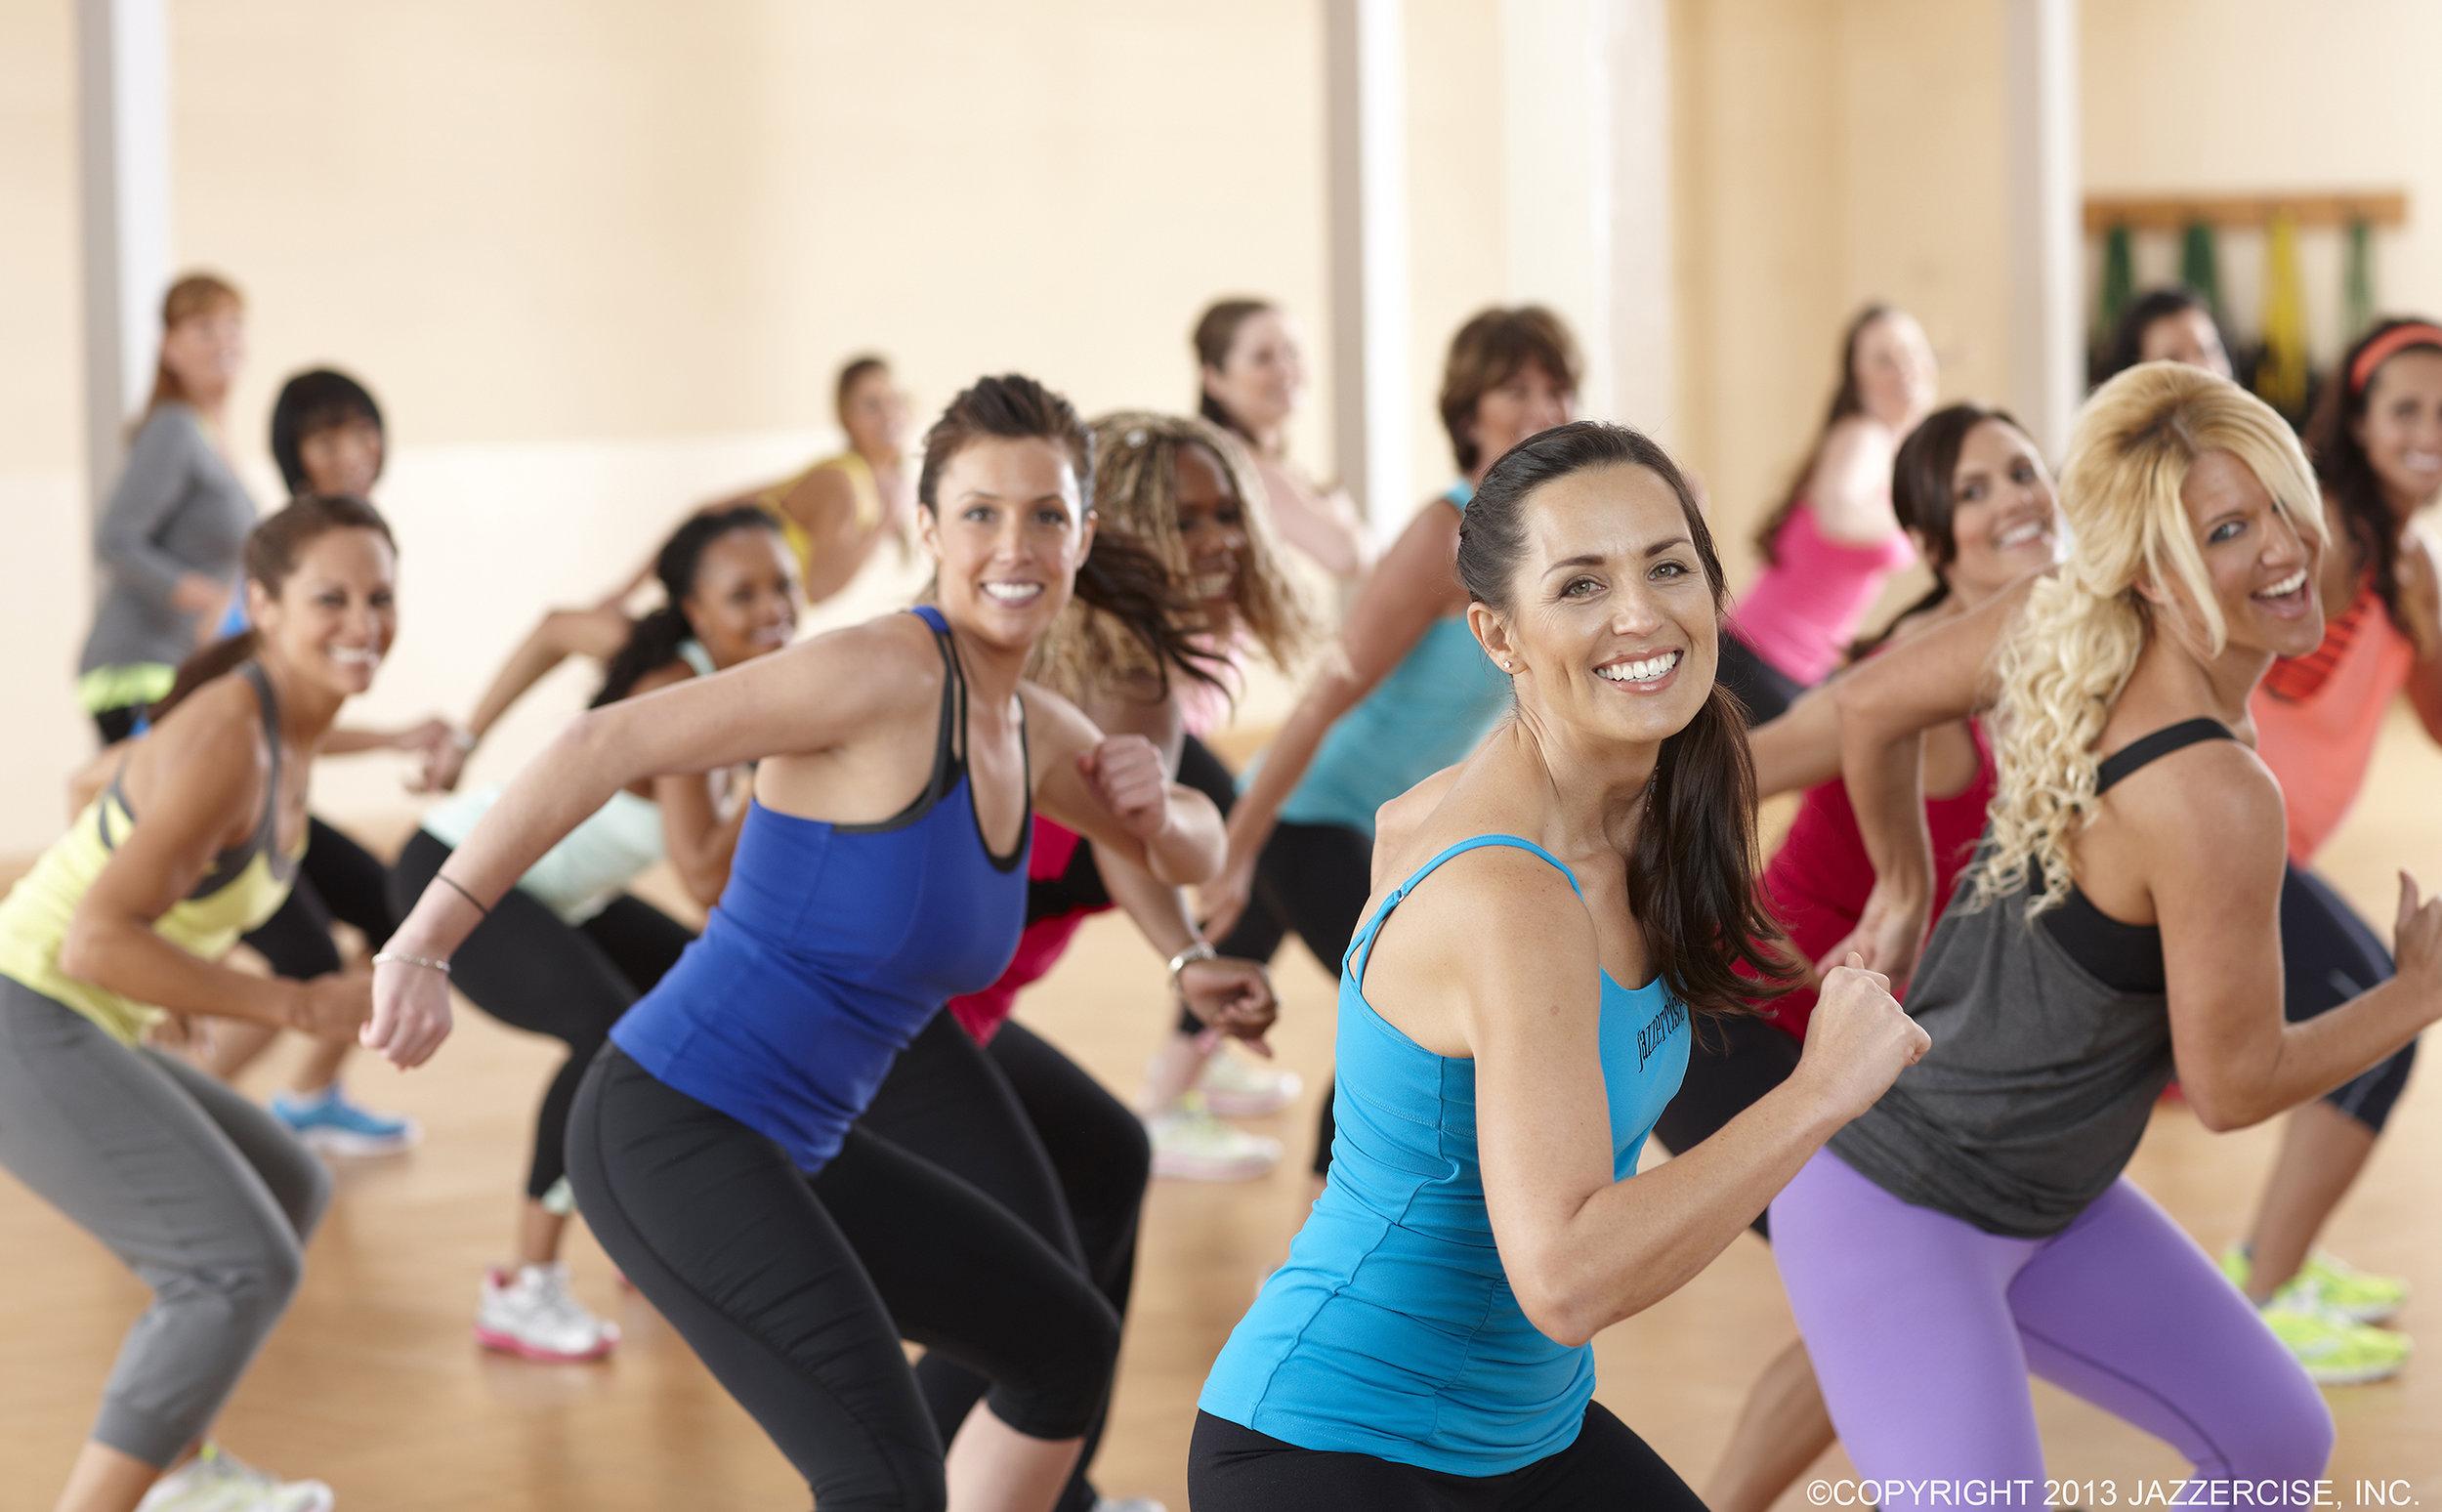 dance-fitness-workout.jpg